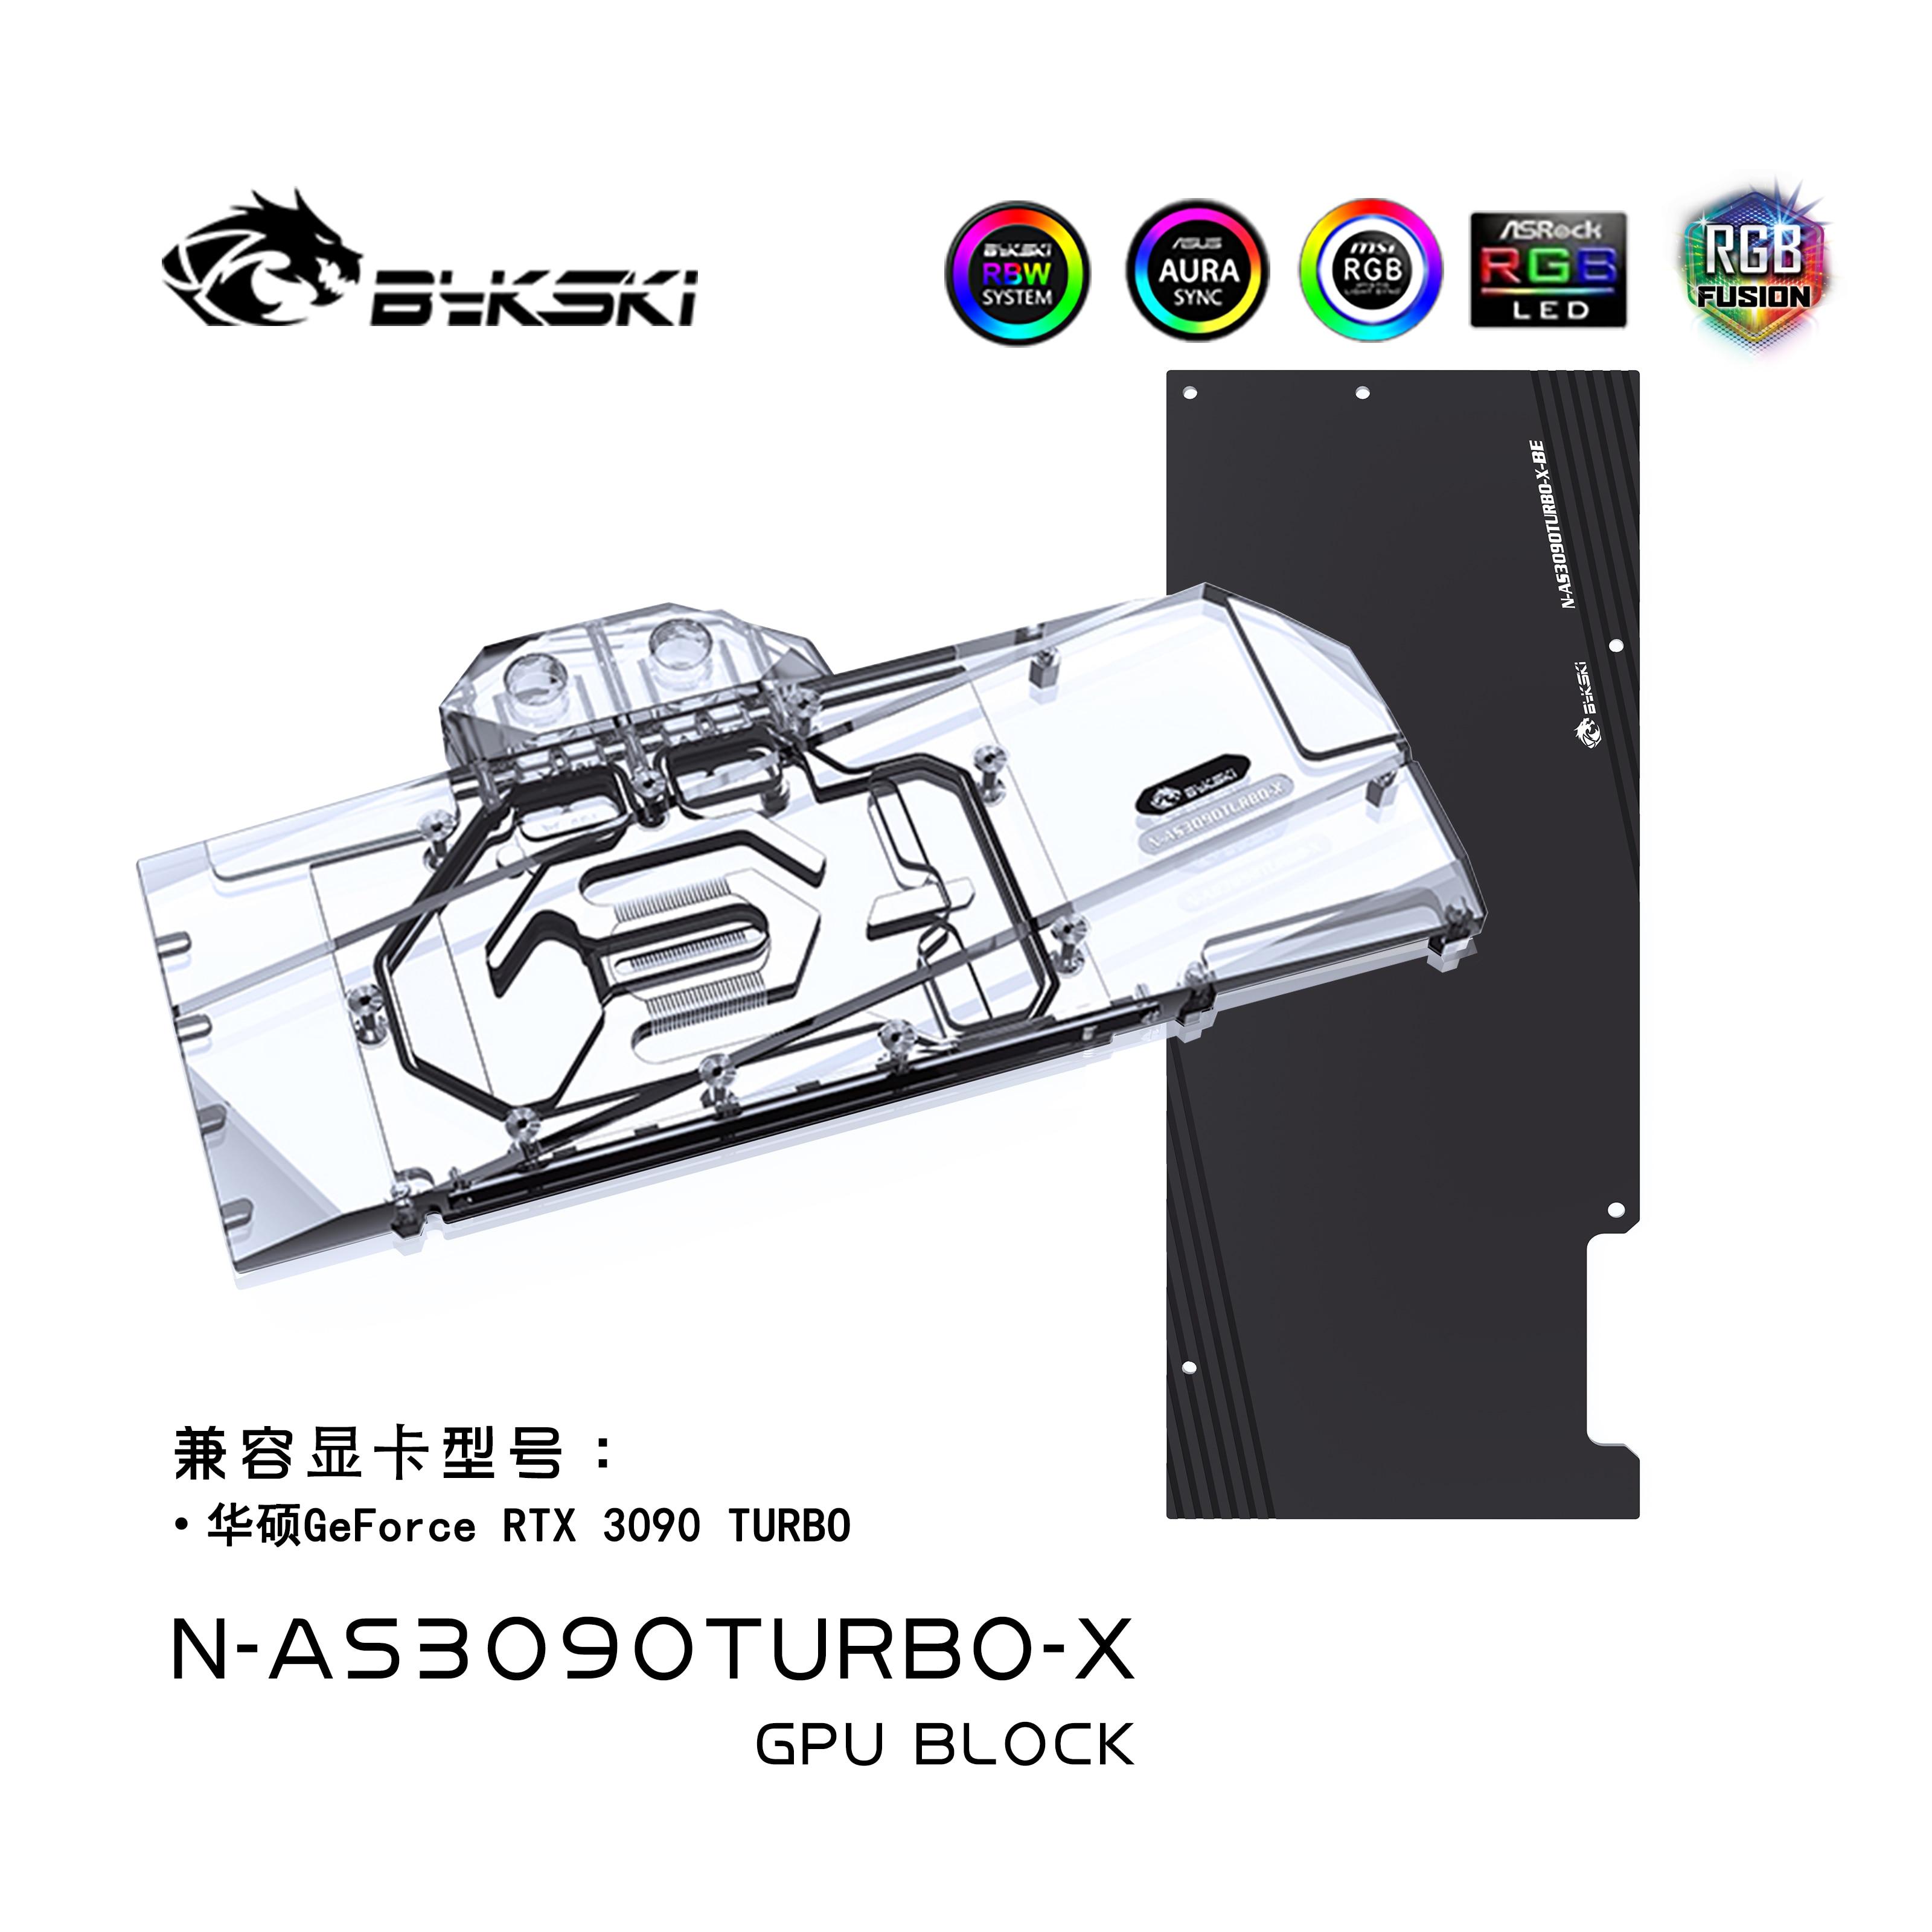 Bykski GPU برودة الرسم بطاقة الفيديو لوحة الظهر كتلة المياه ASUS GeForce RTX3090 توربو الكمبيوتر N-AS3090TURBO-X تبريد المياه